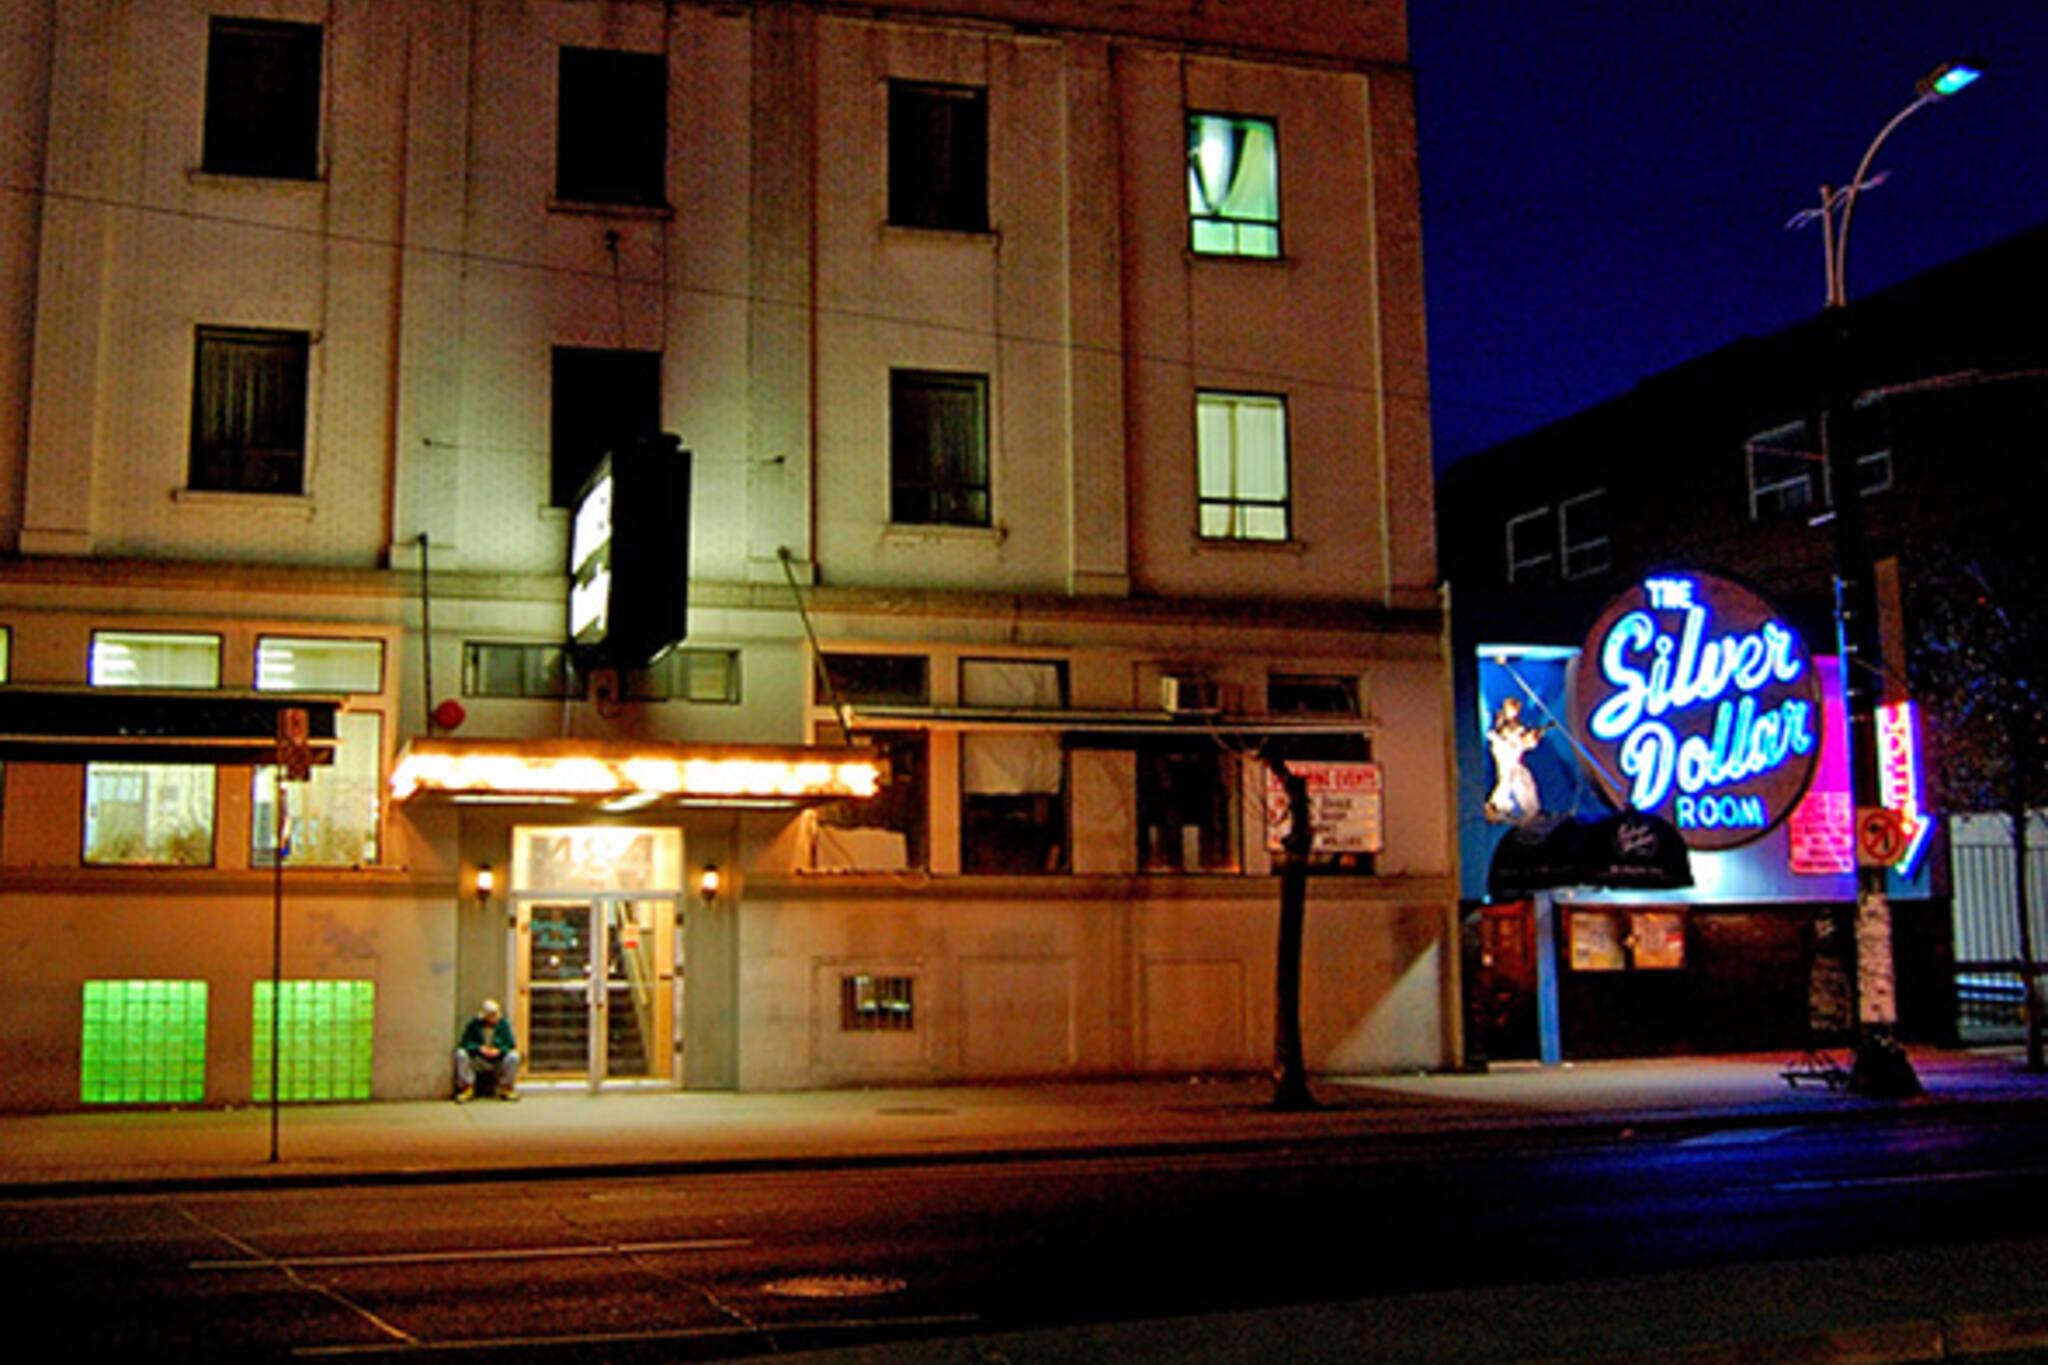 Silver Dollar Hotel Waverly